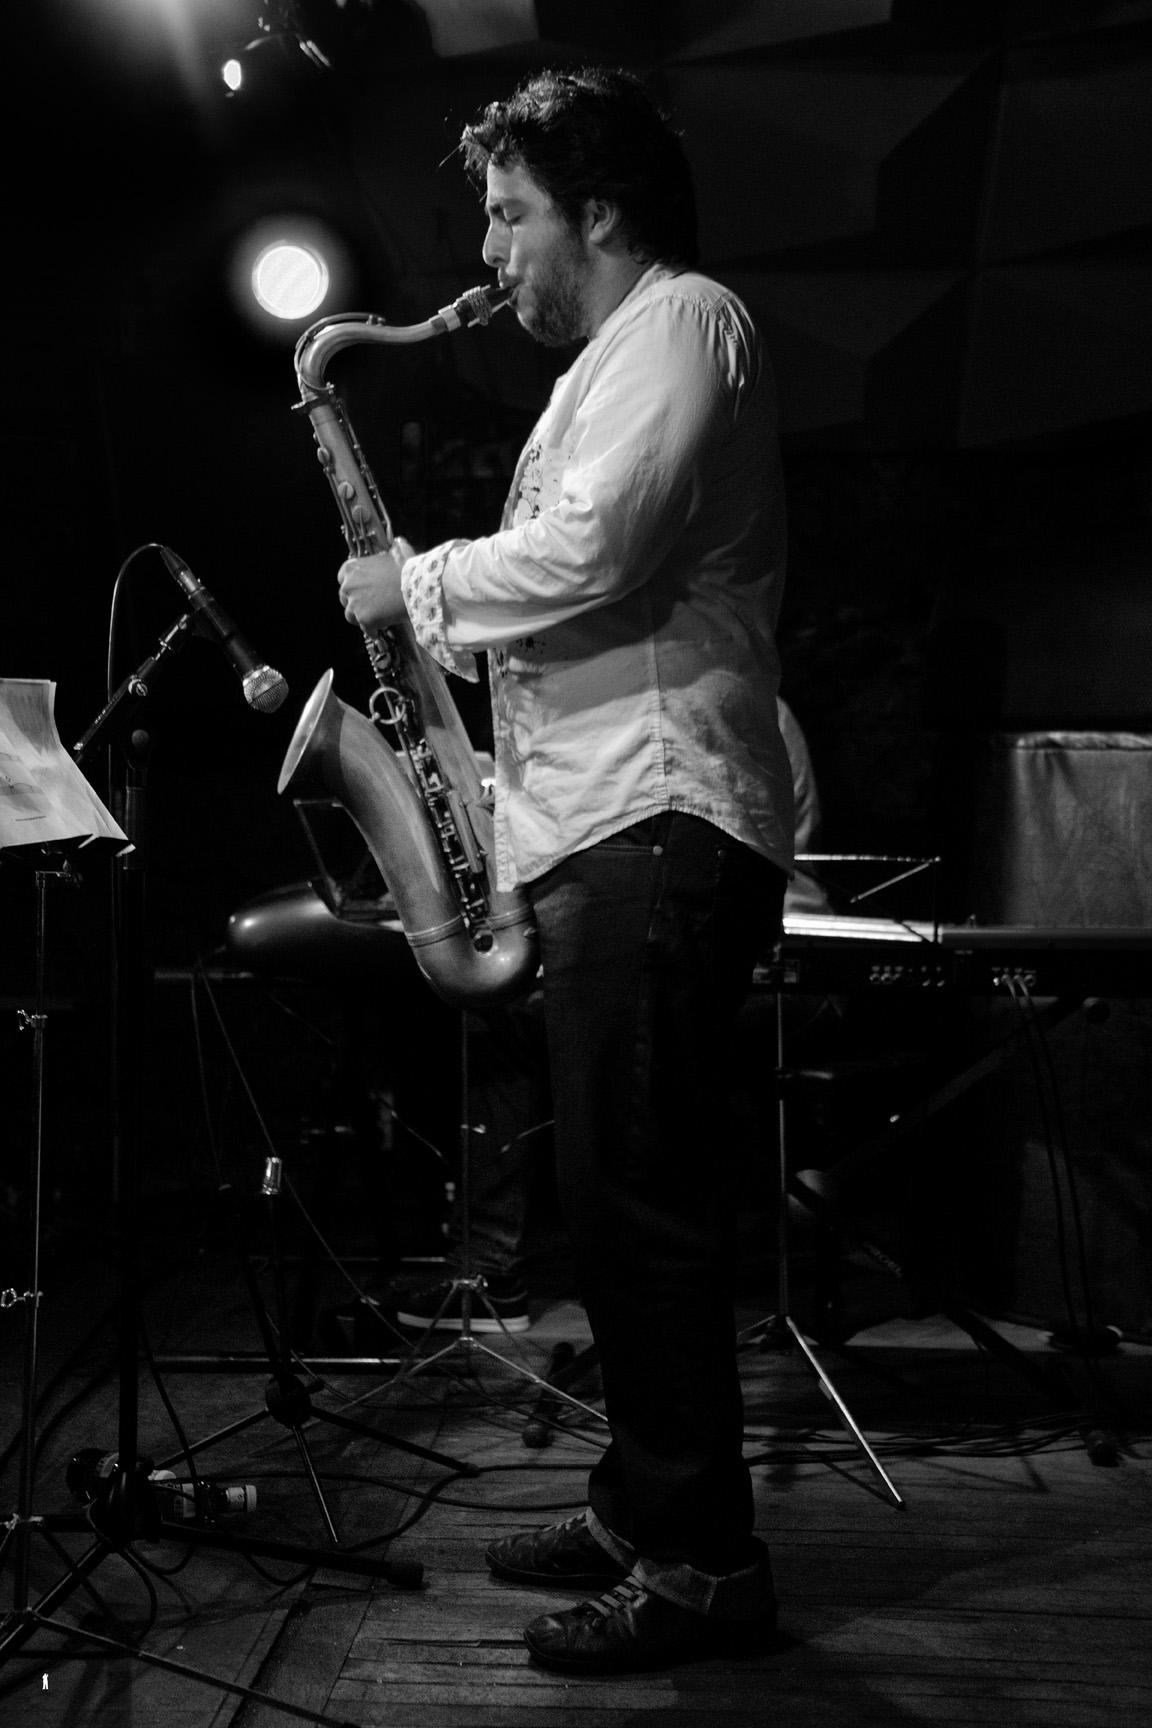 Gianni Gagliardi